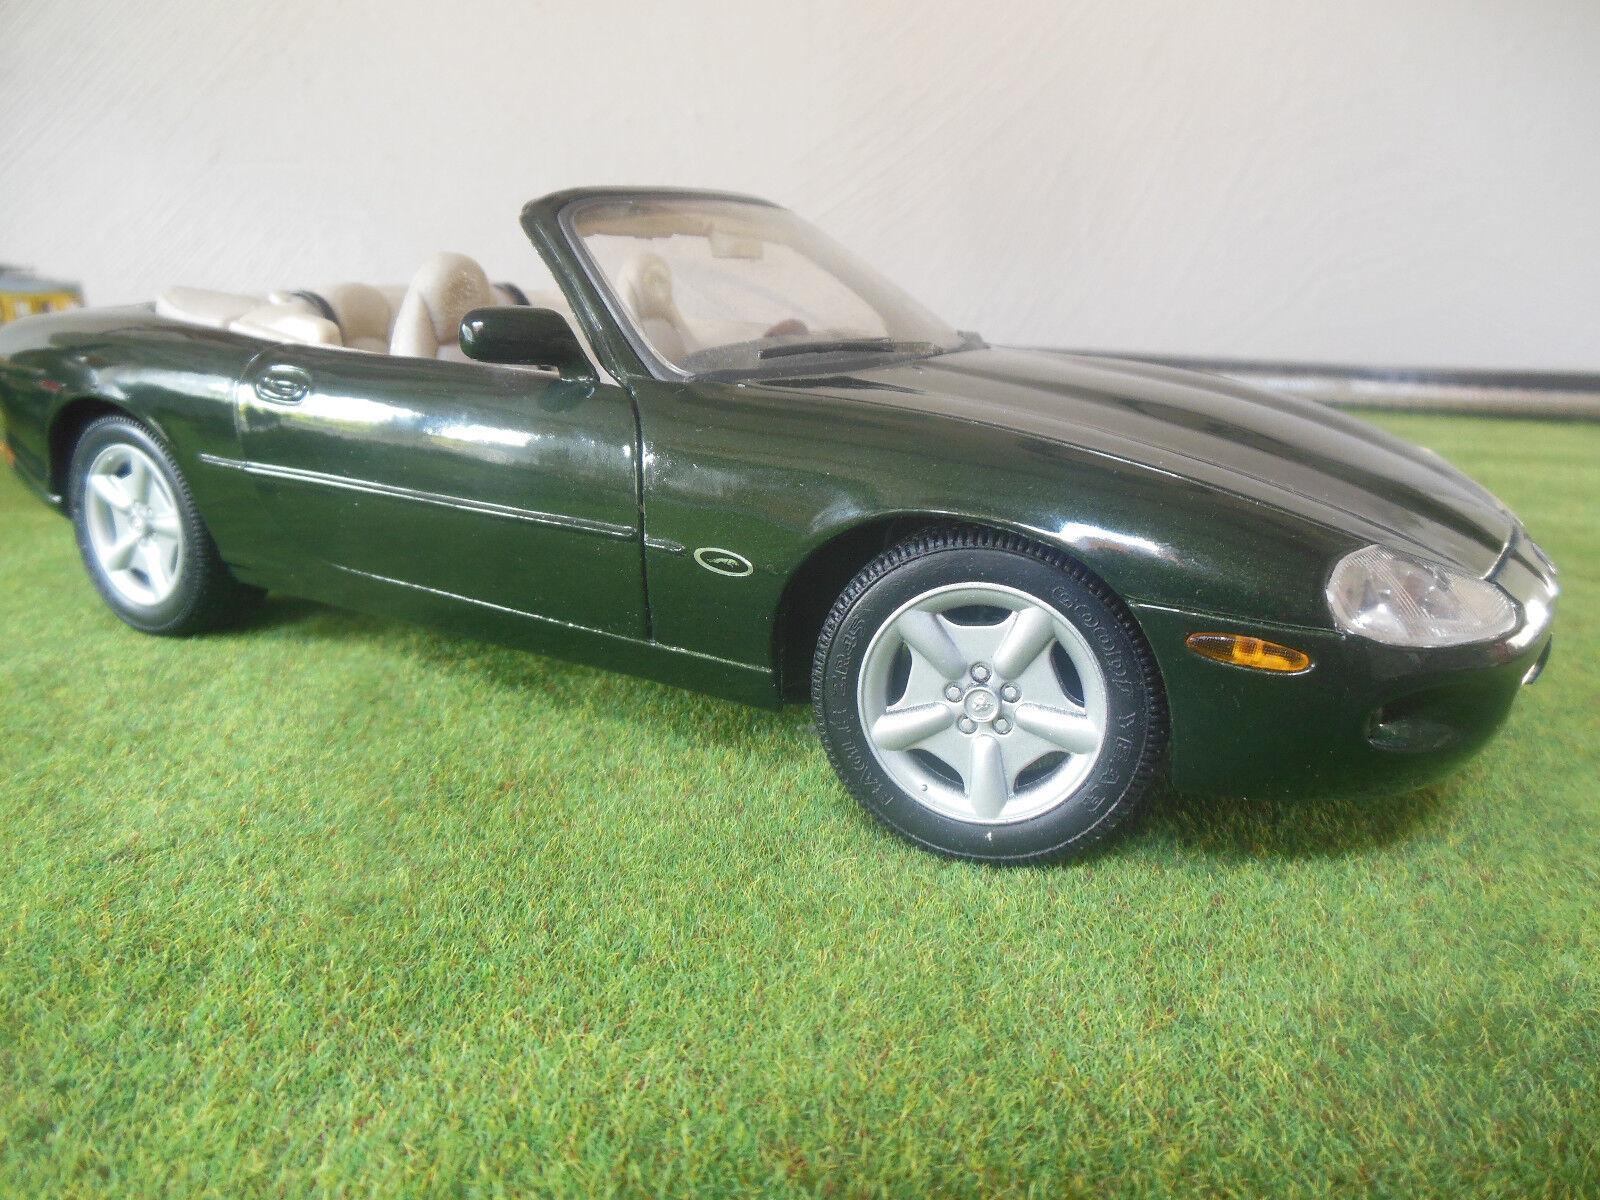 Jaguar XK8, 1 18, Hersteller Maisto, Farbe grün, ordentlicher Zustand  | Großartig